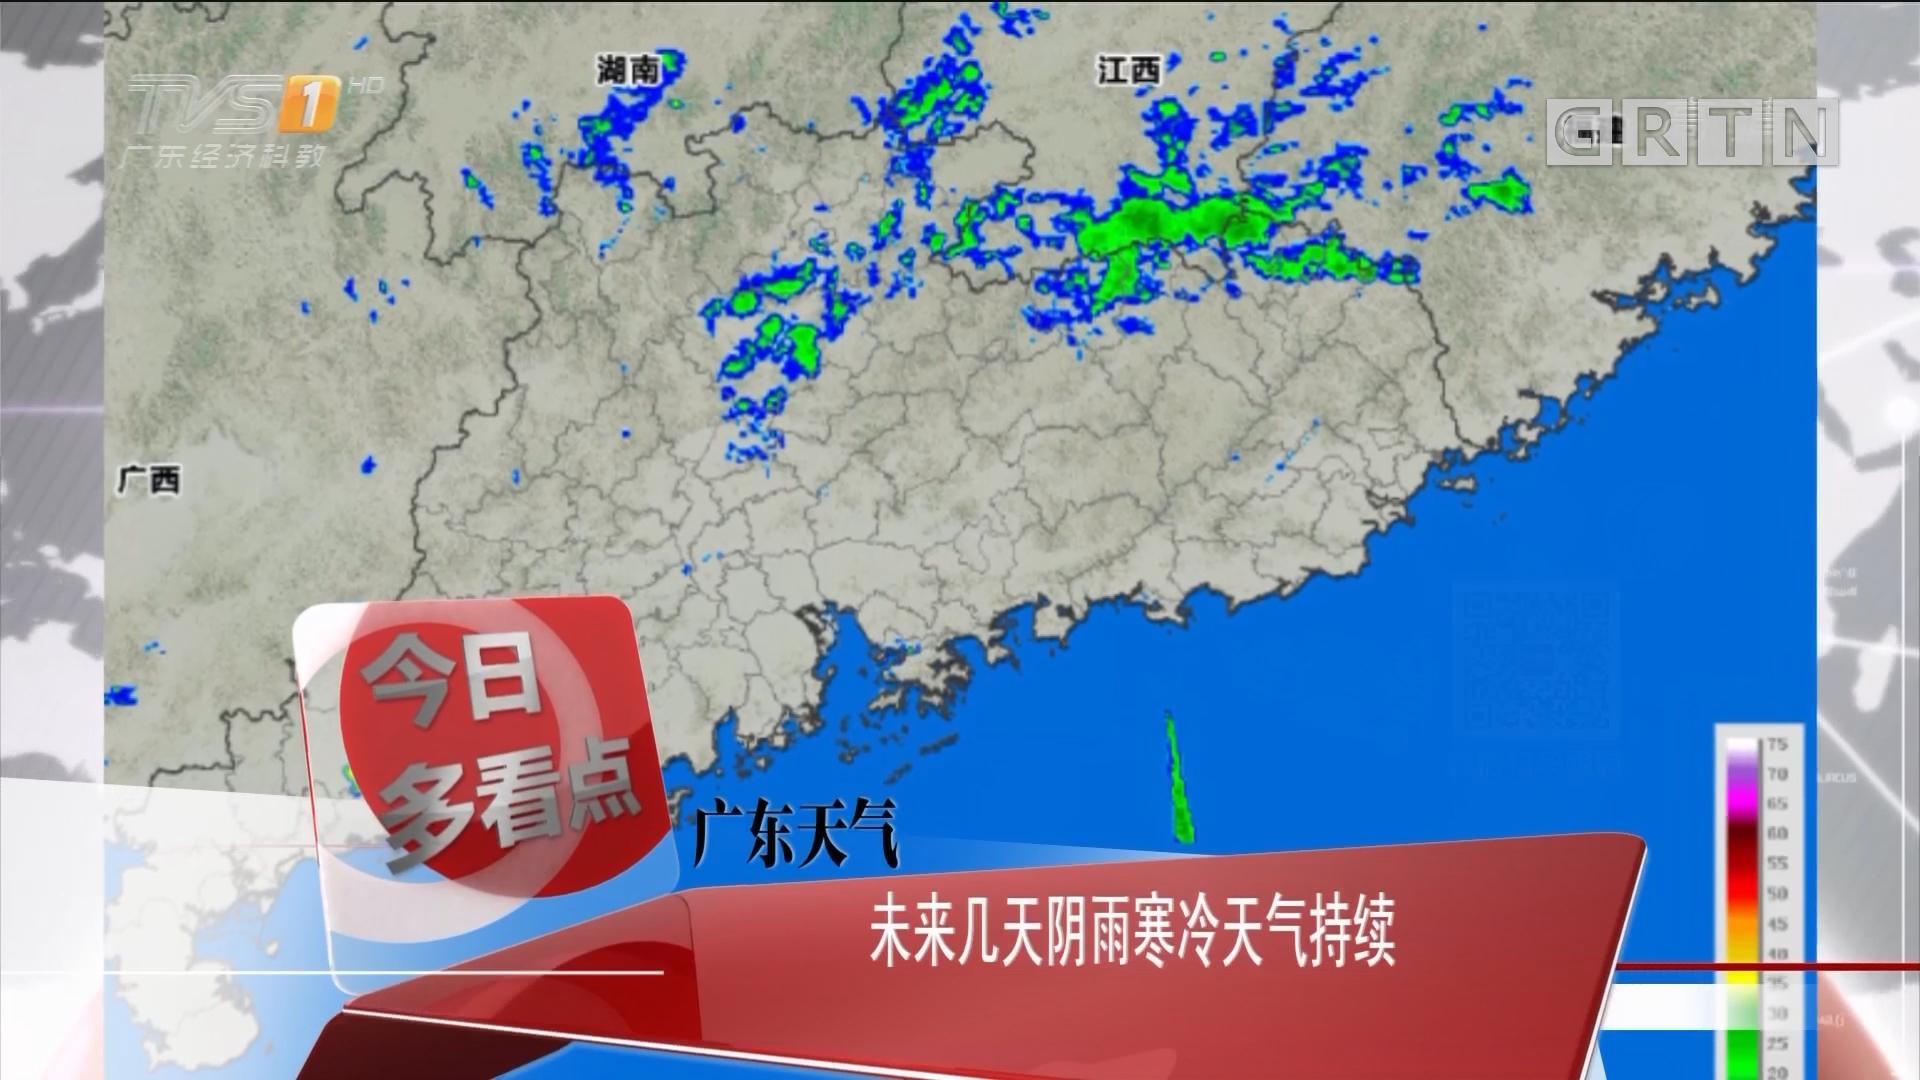 广东天气:未来几天阴雨寒冷天气持续